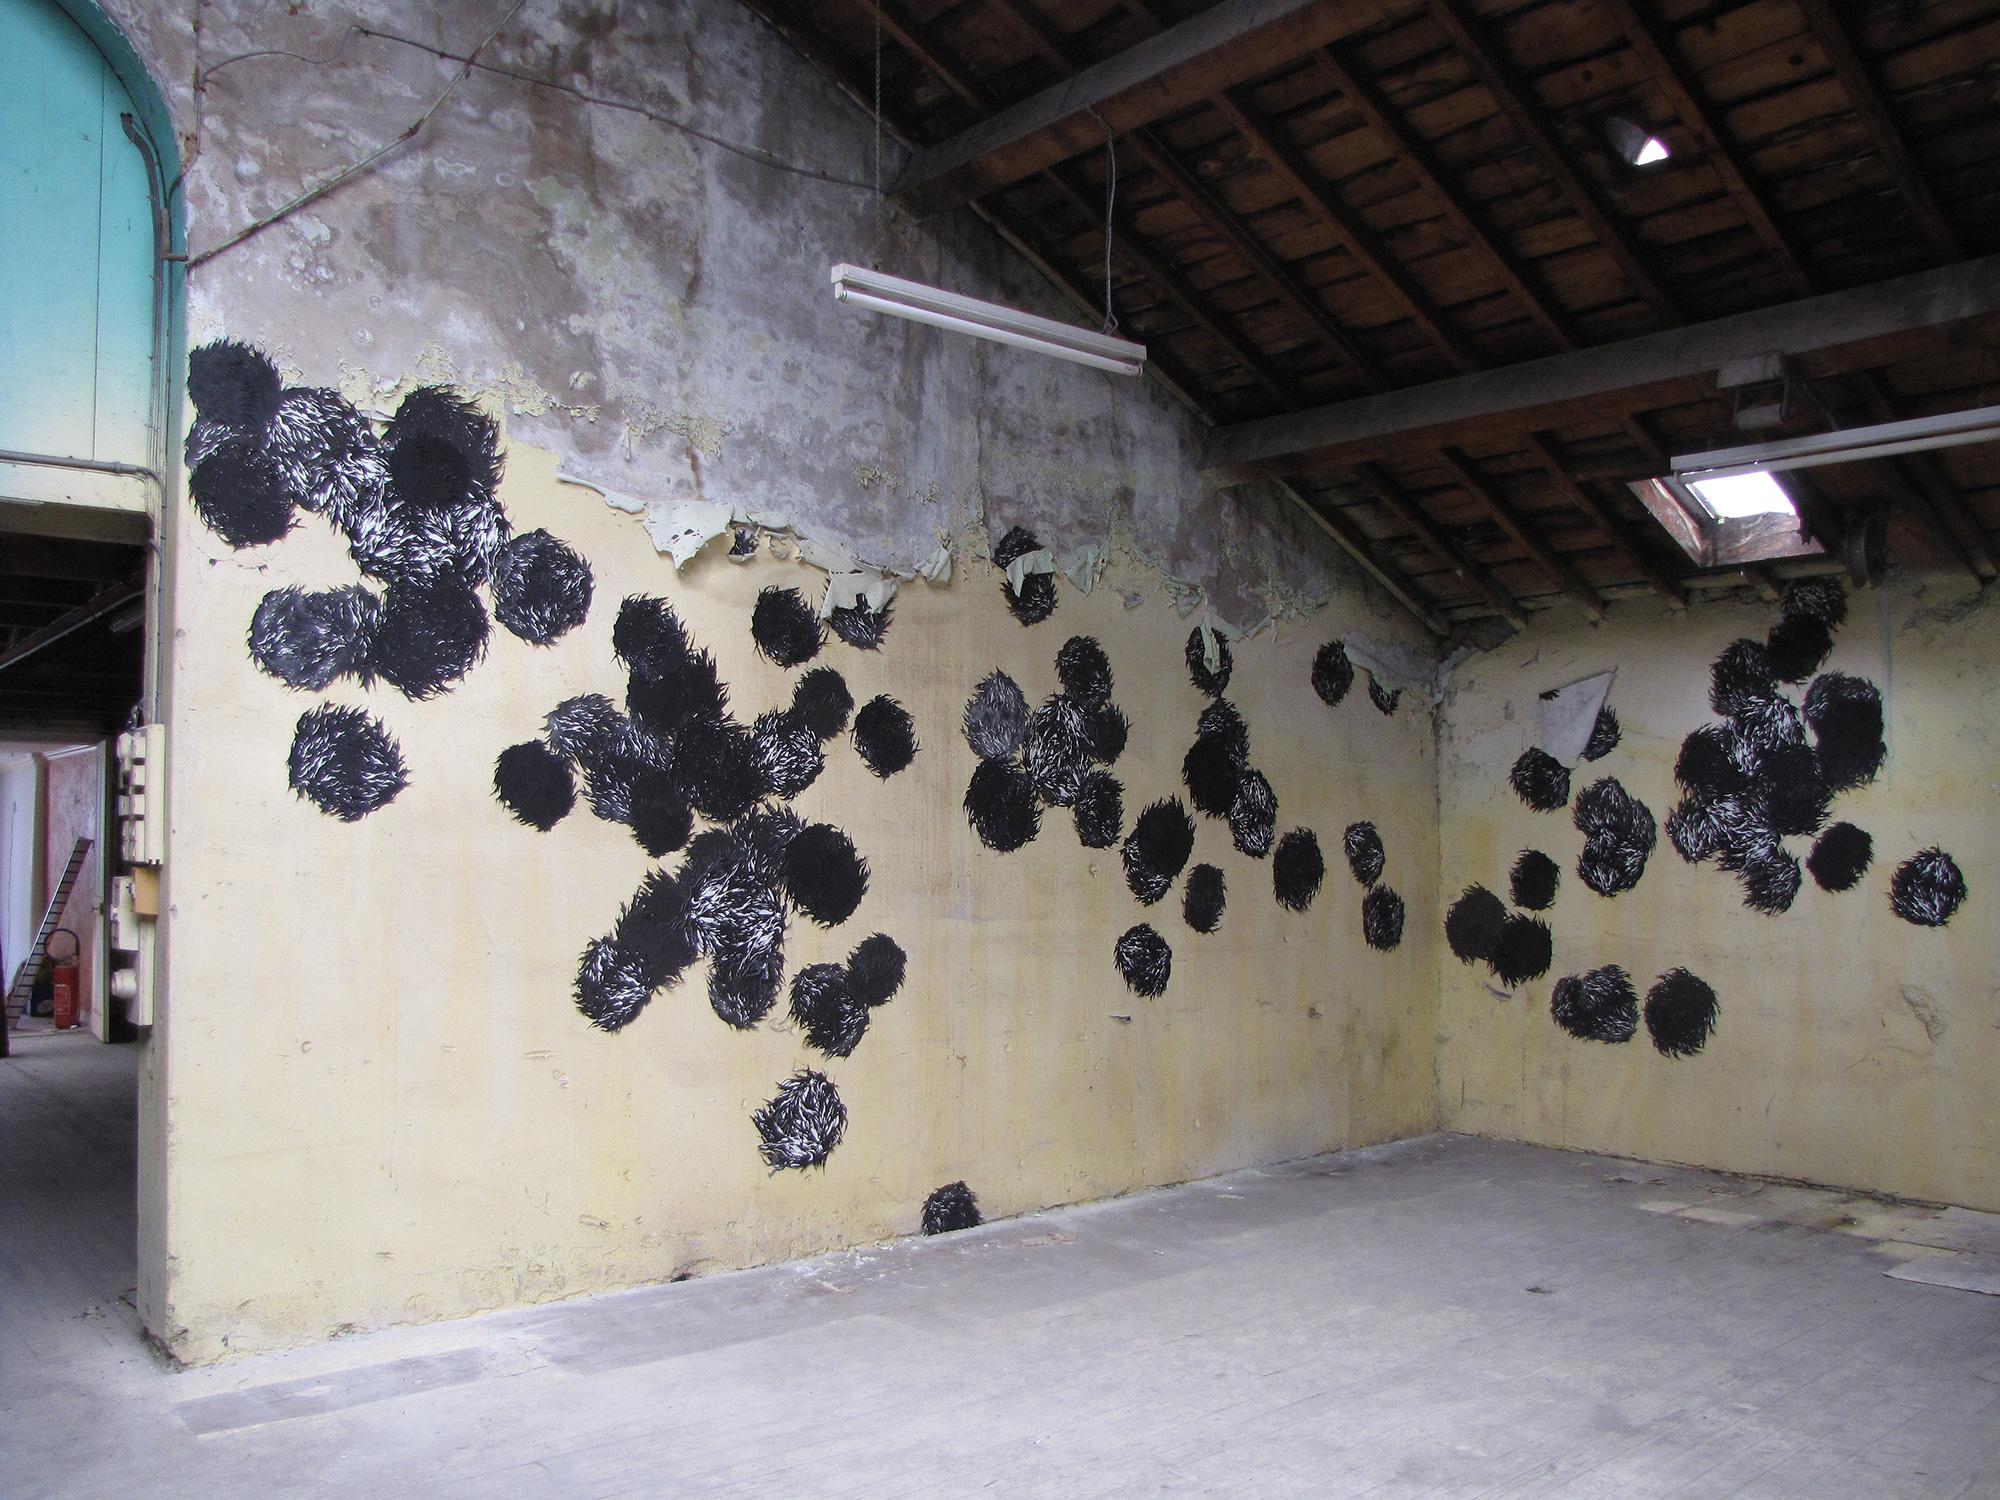 <i>les choses noires</i>, 2010, gravure/installation, 80 aquatintes découpées et assemblées, 500x900cm